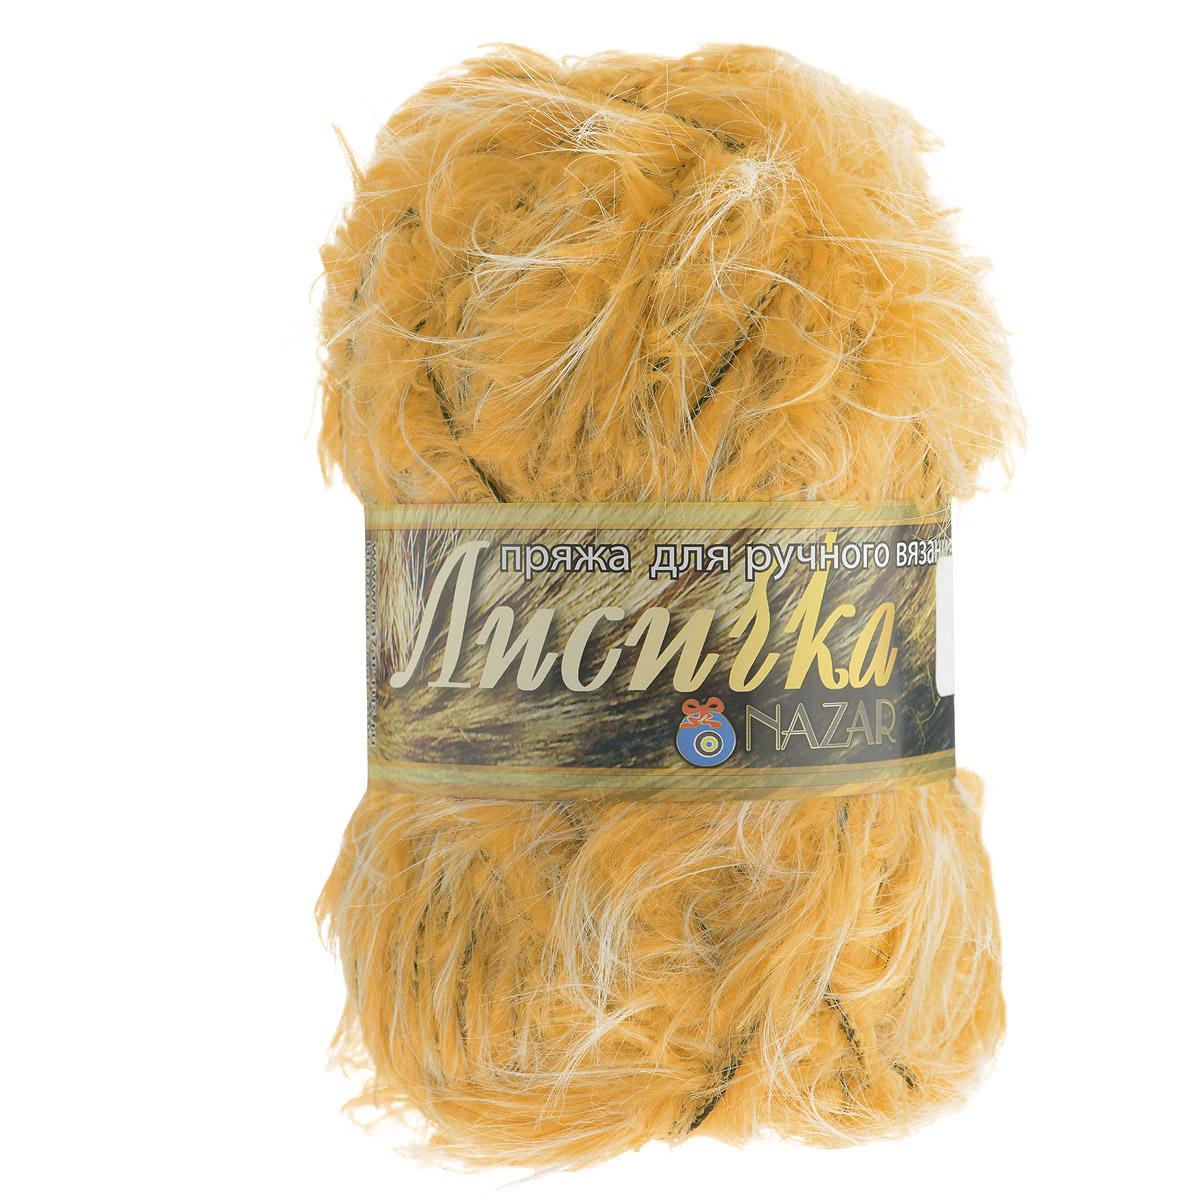 Пряжа для вязания Nazar Лисичка, цвет: желтый (010), 100 г, 90 м, 5 шт688122_010